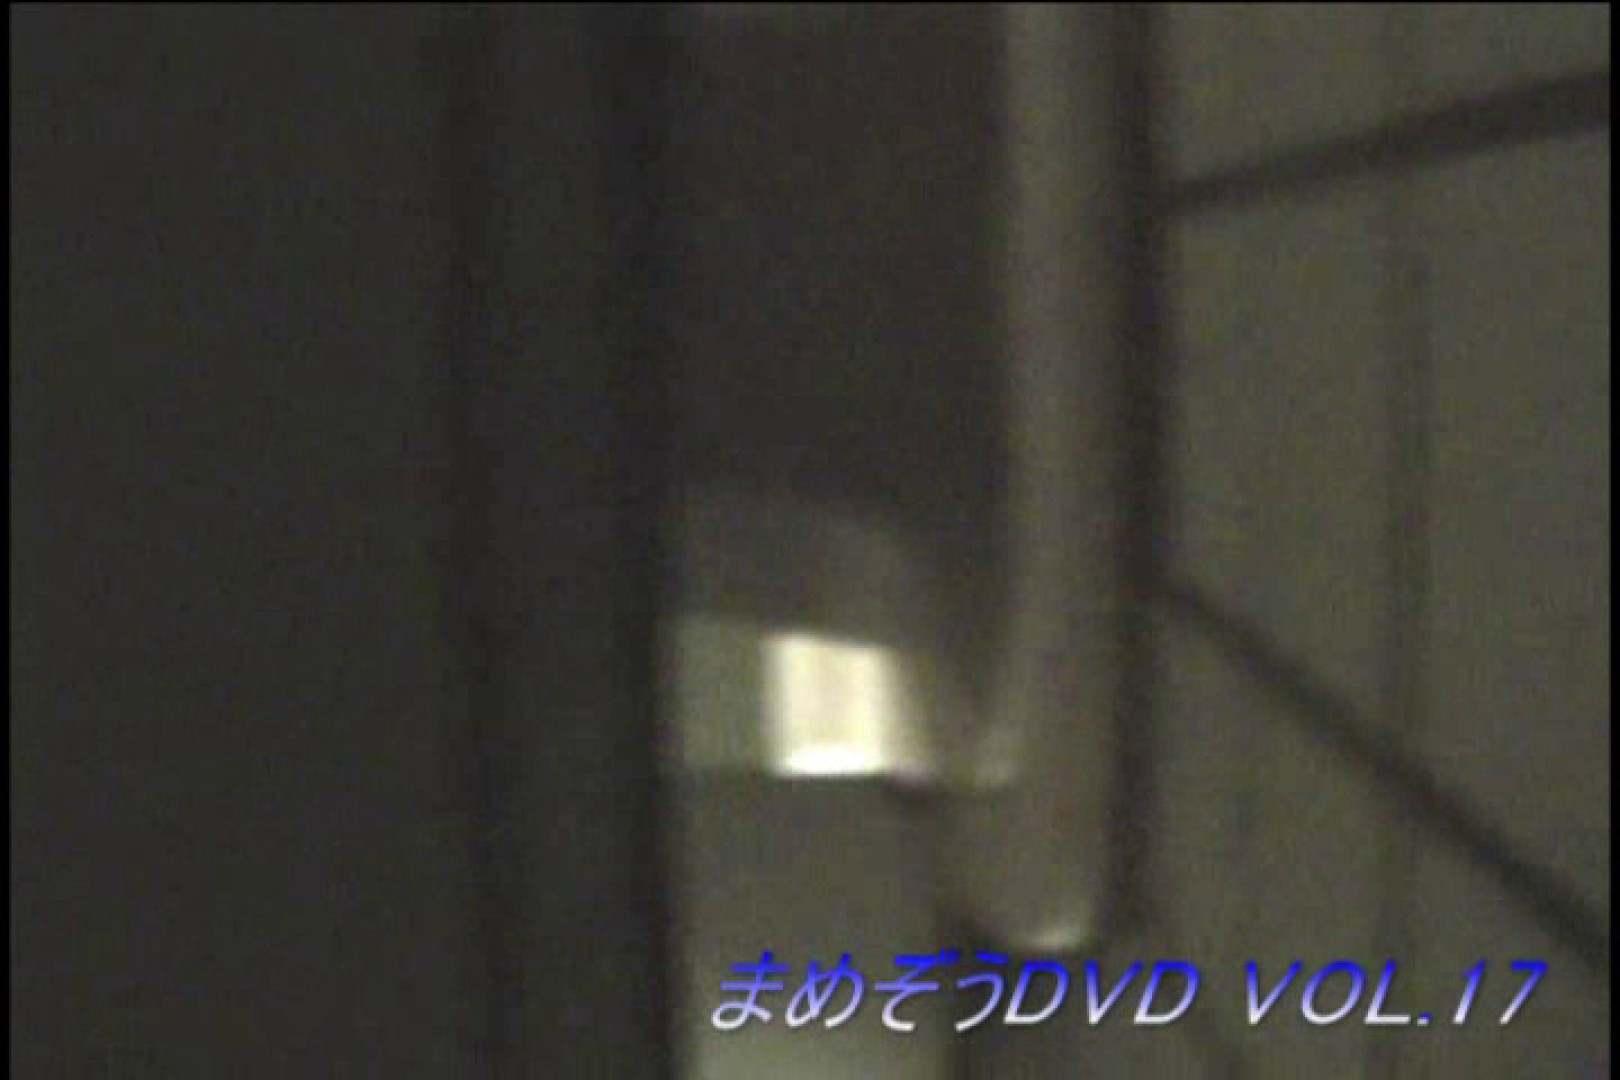 まめぞうDVD完全版VOL.17 洗面所 | ギャル攻め  94画像 79